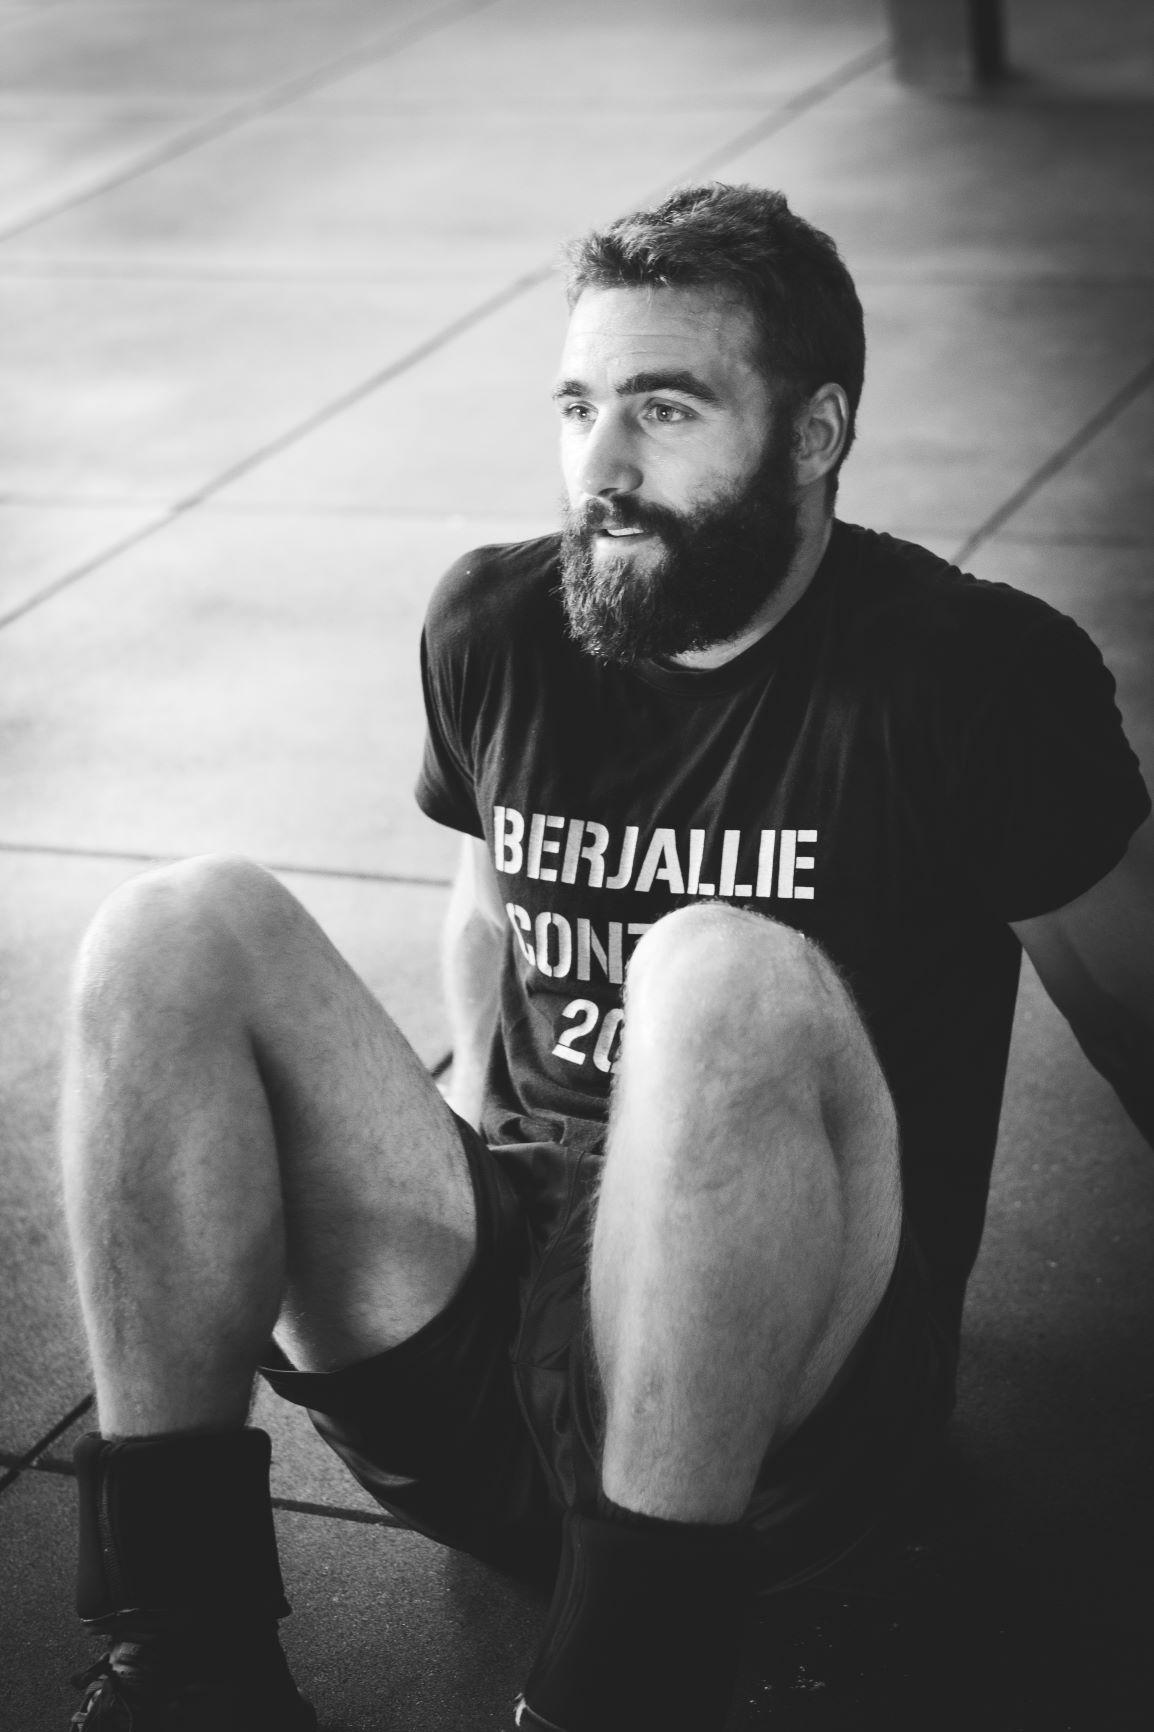 photographe-clermont-homme-portrait-sport-caldeira